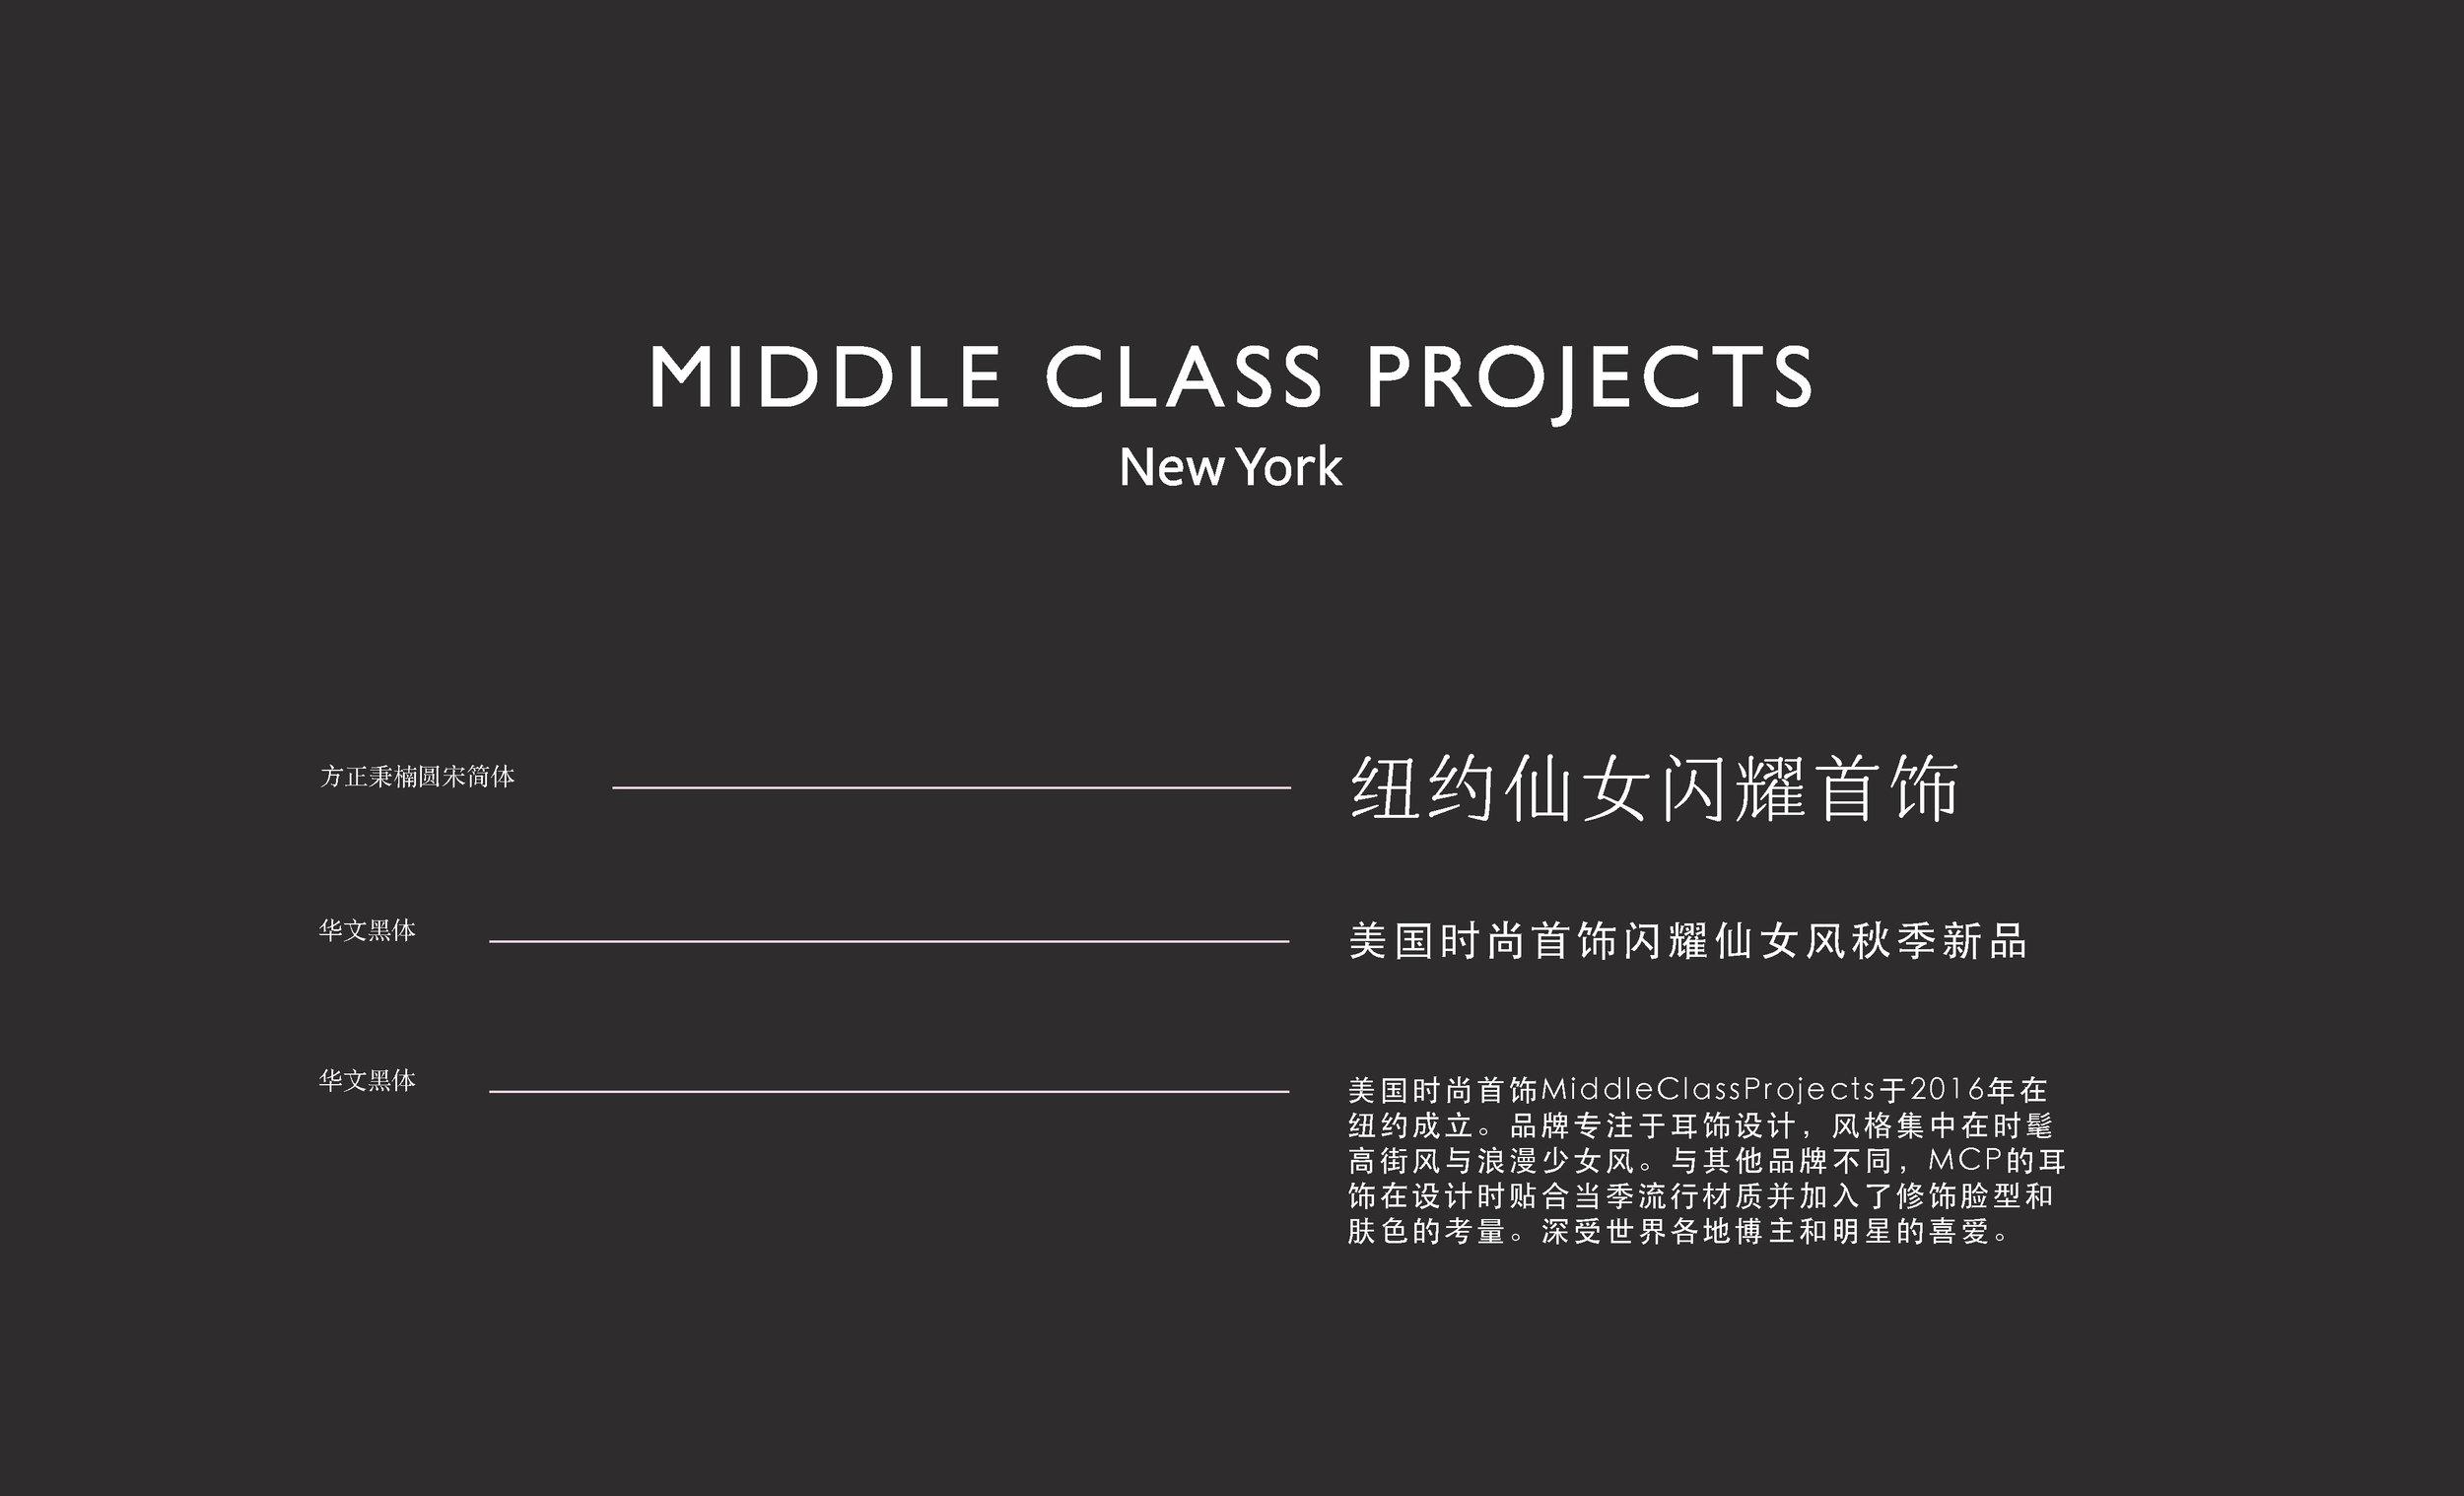 MiddleClassProjects_BrandGuideline_F14.jpg